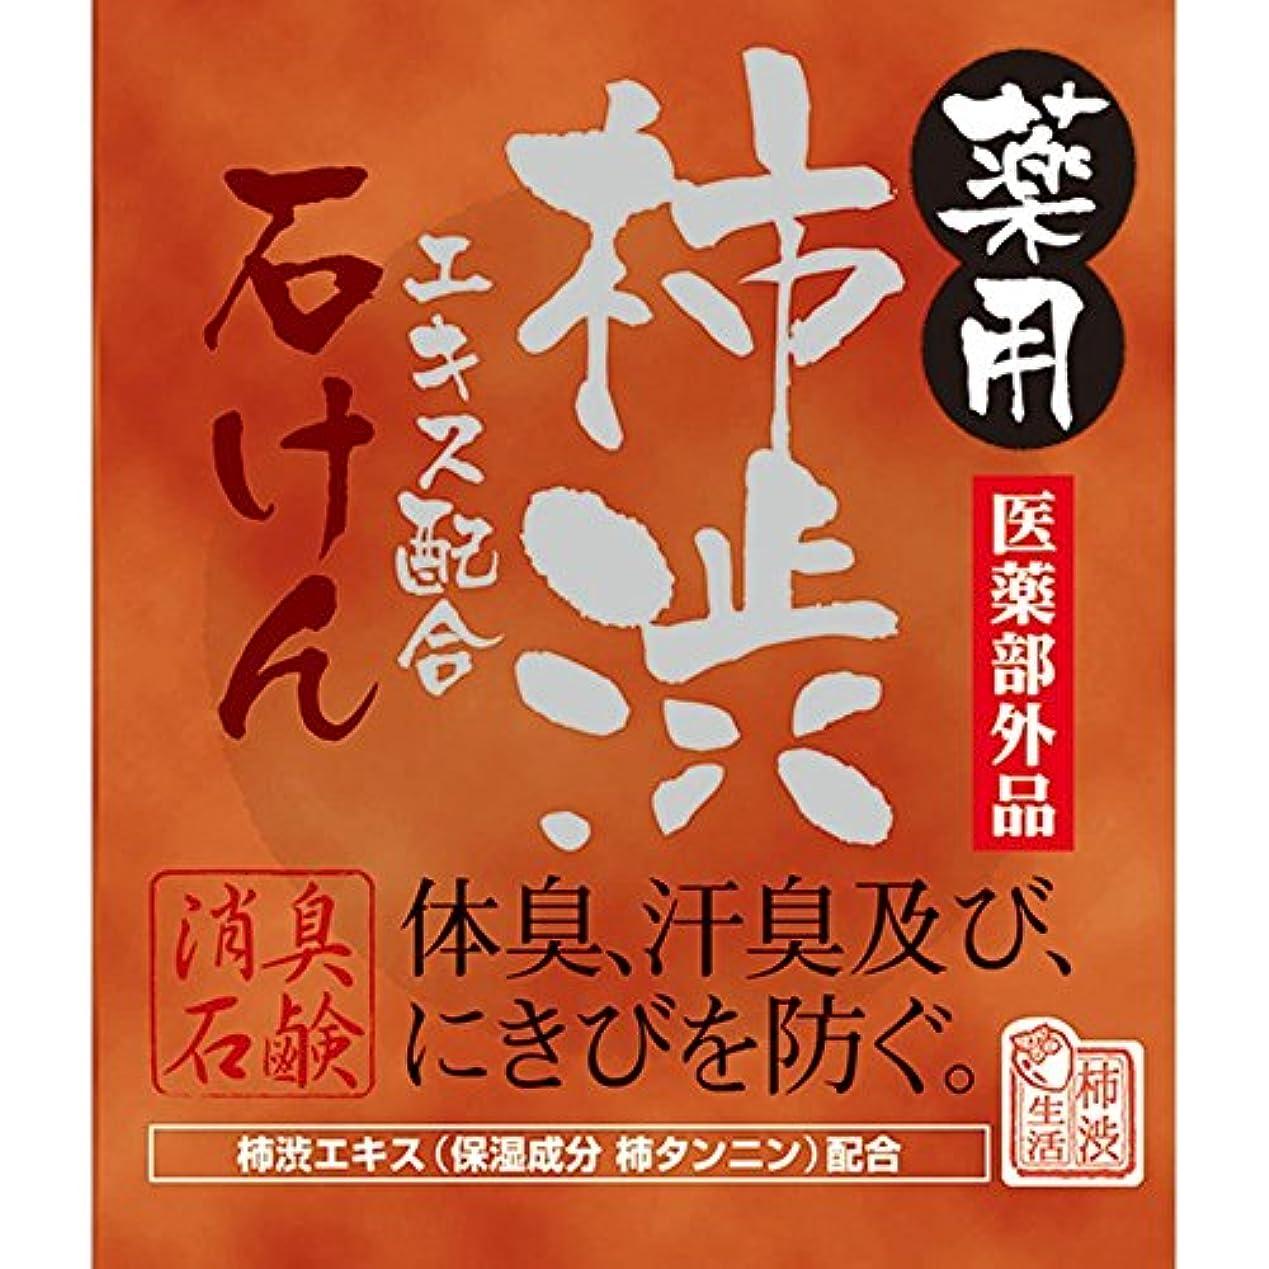 喜ぶ先入観記憶に残る薬用柿渋石けん 100g[医薬部外品]